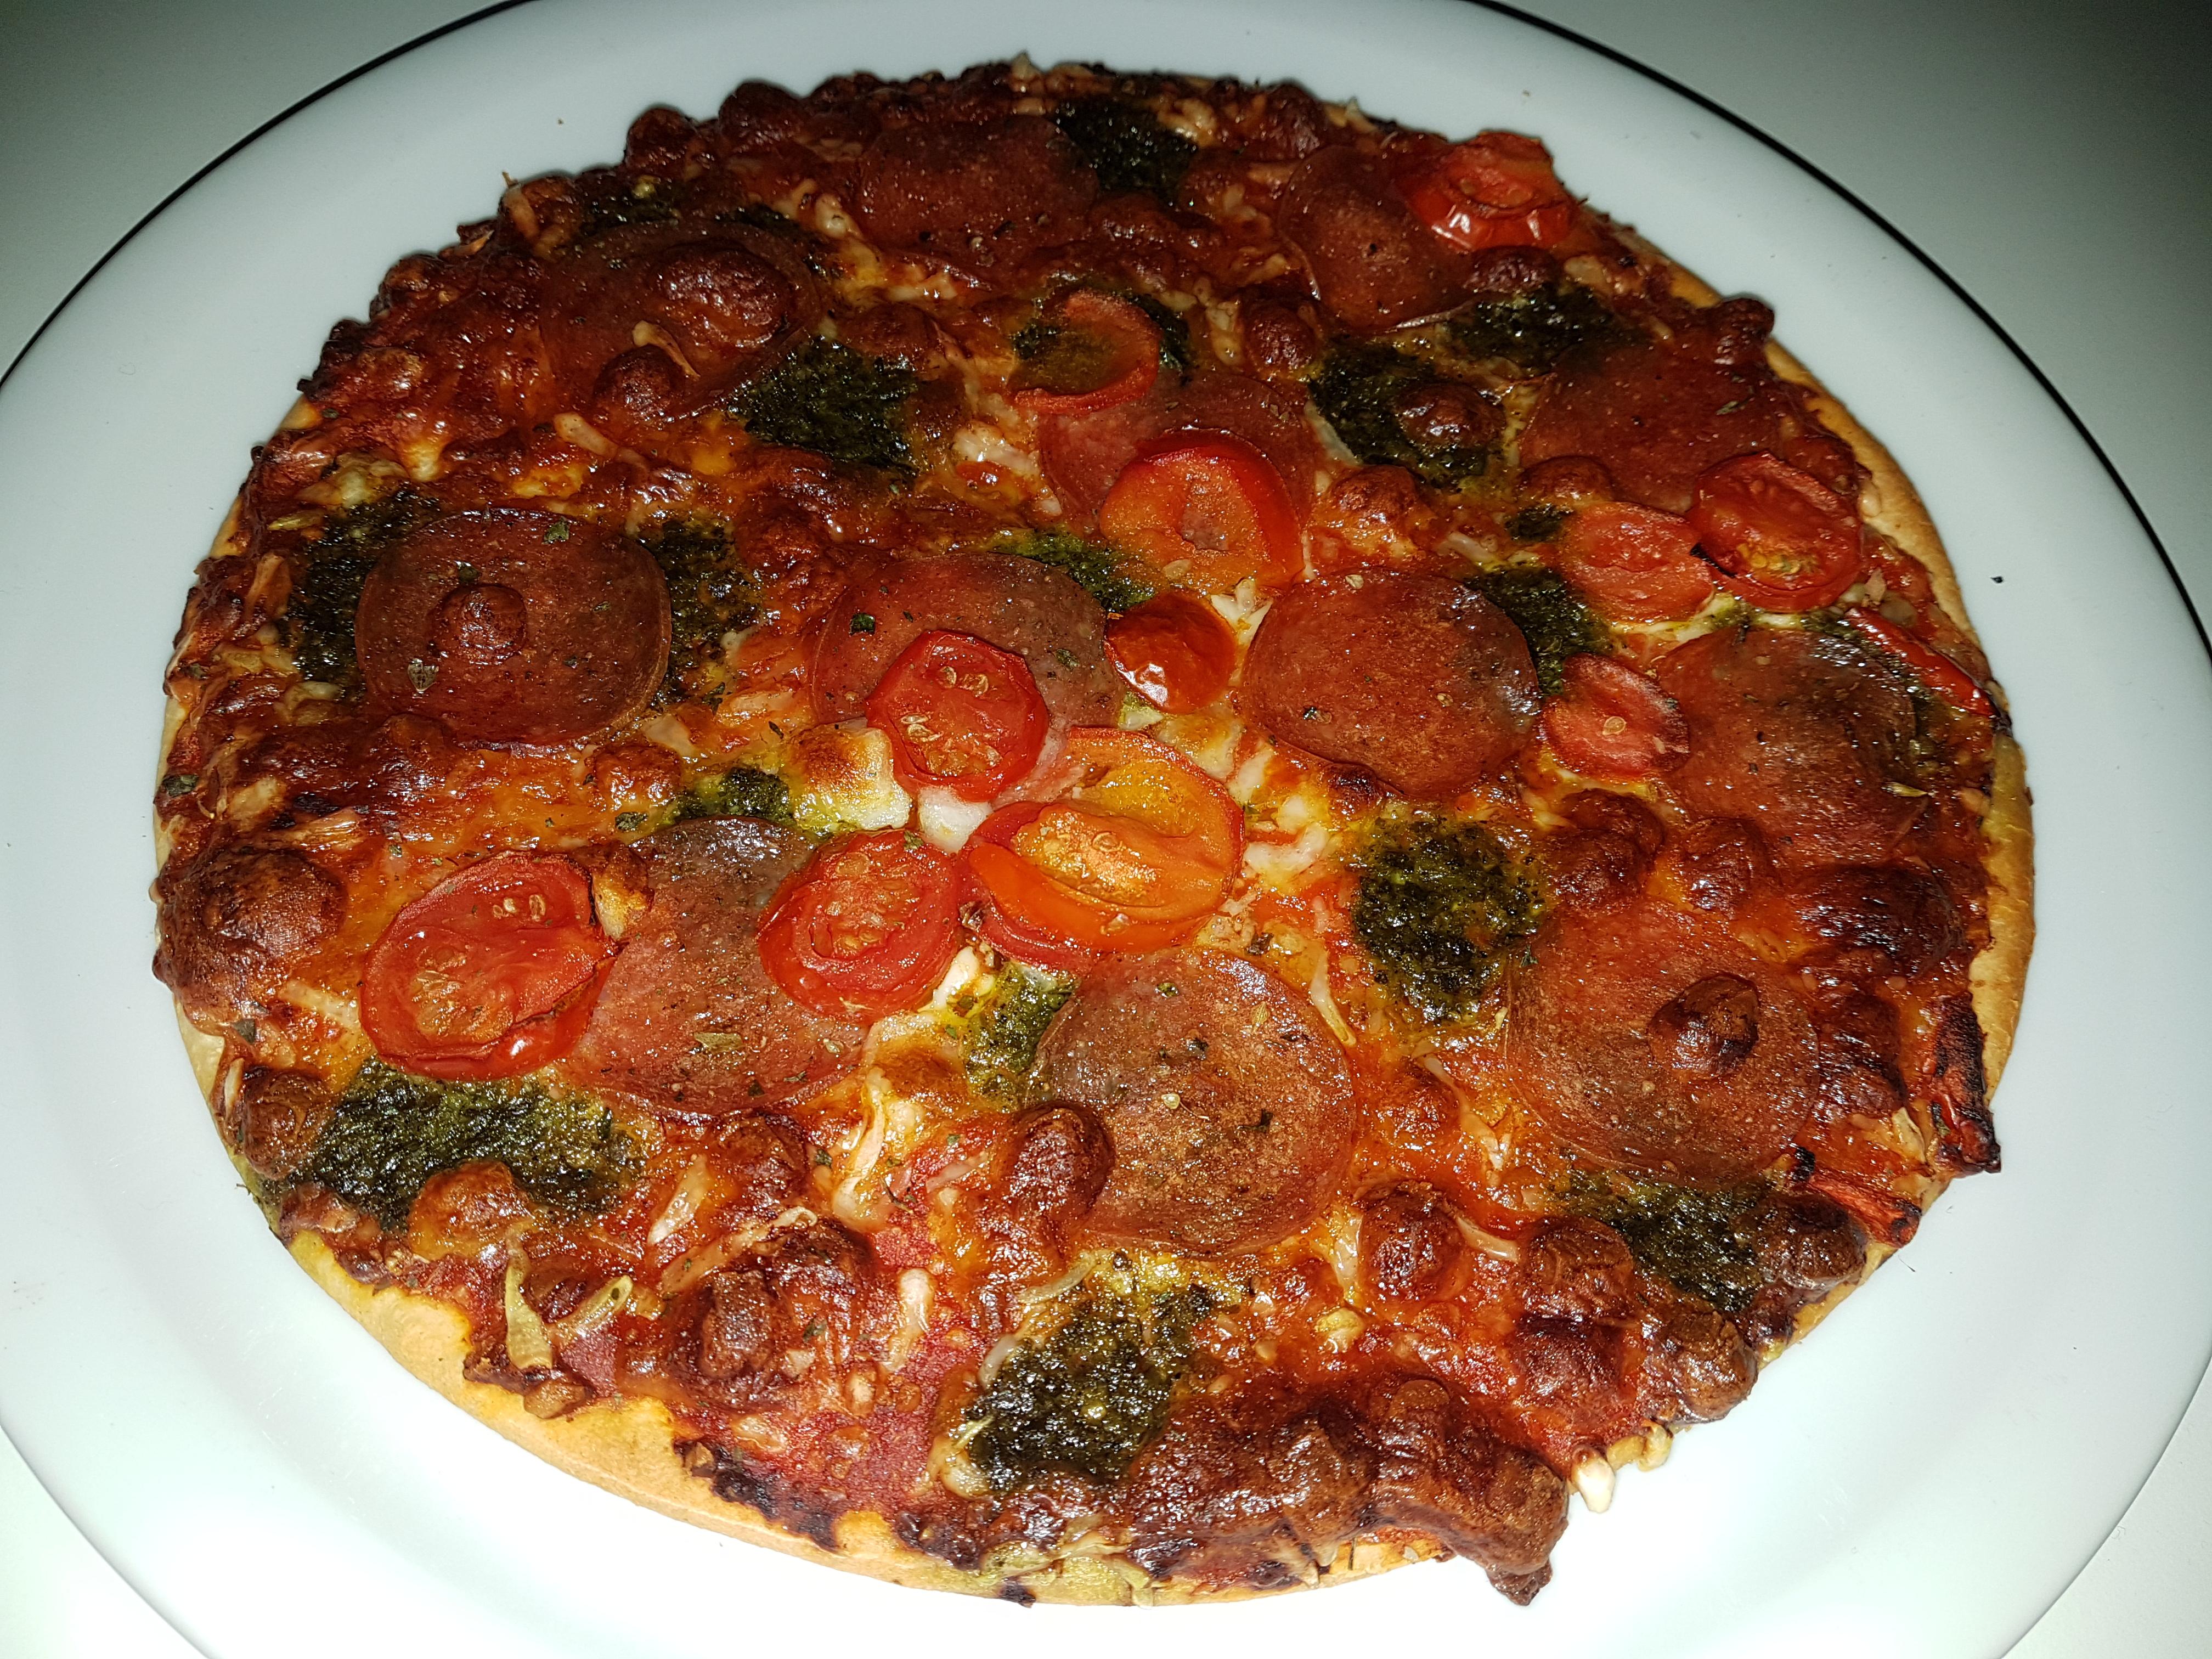 https://foodloader.net/Holz_2018-04-17_Pizza.jpg